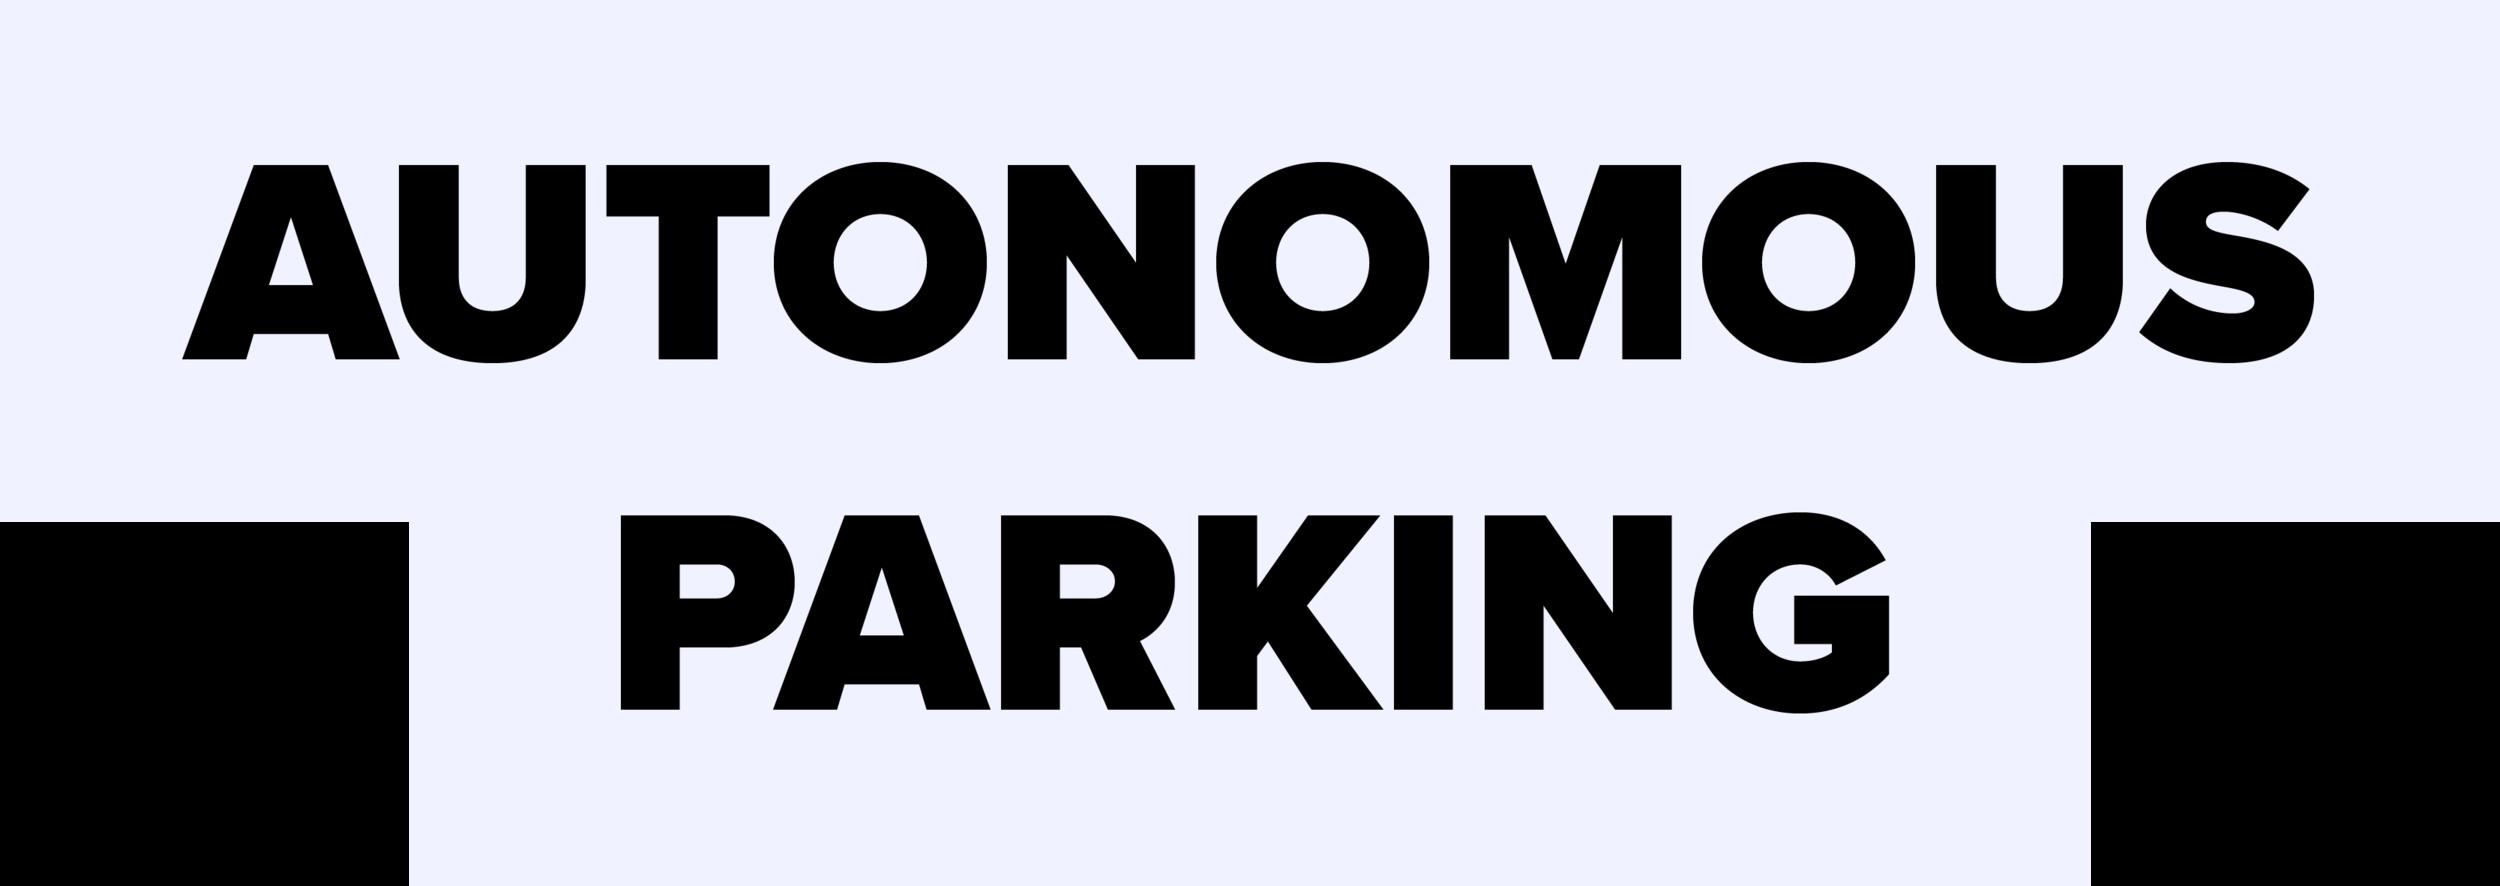 Autonomous Parking Title-01.png